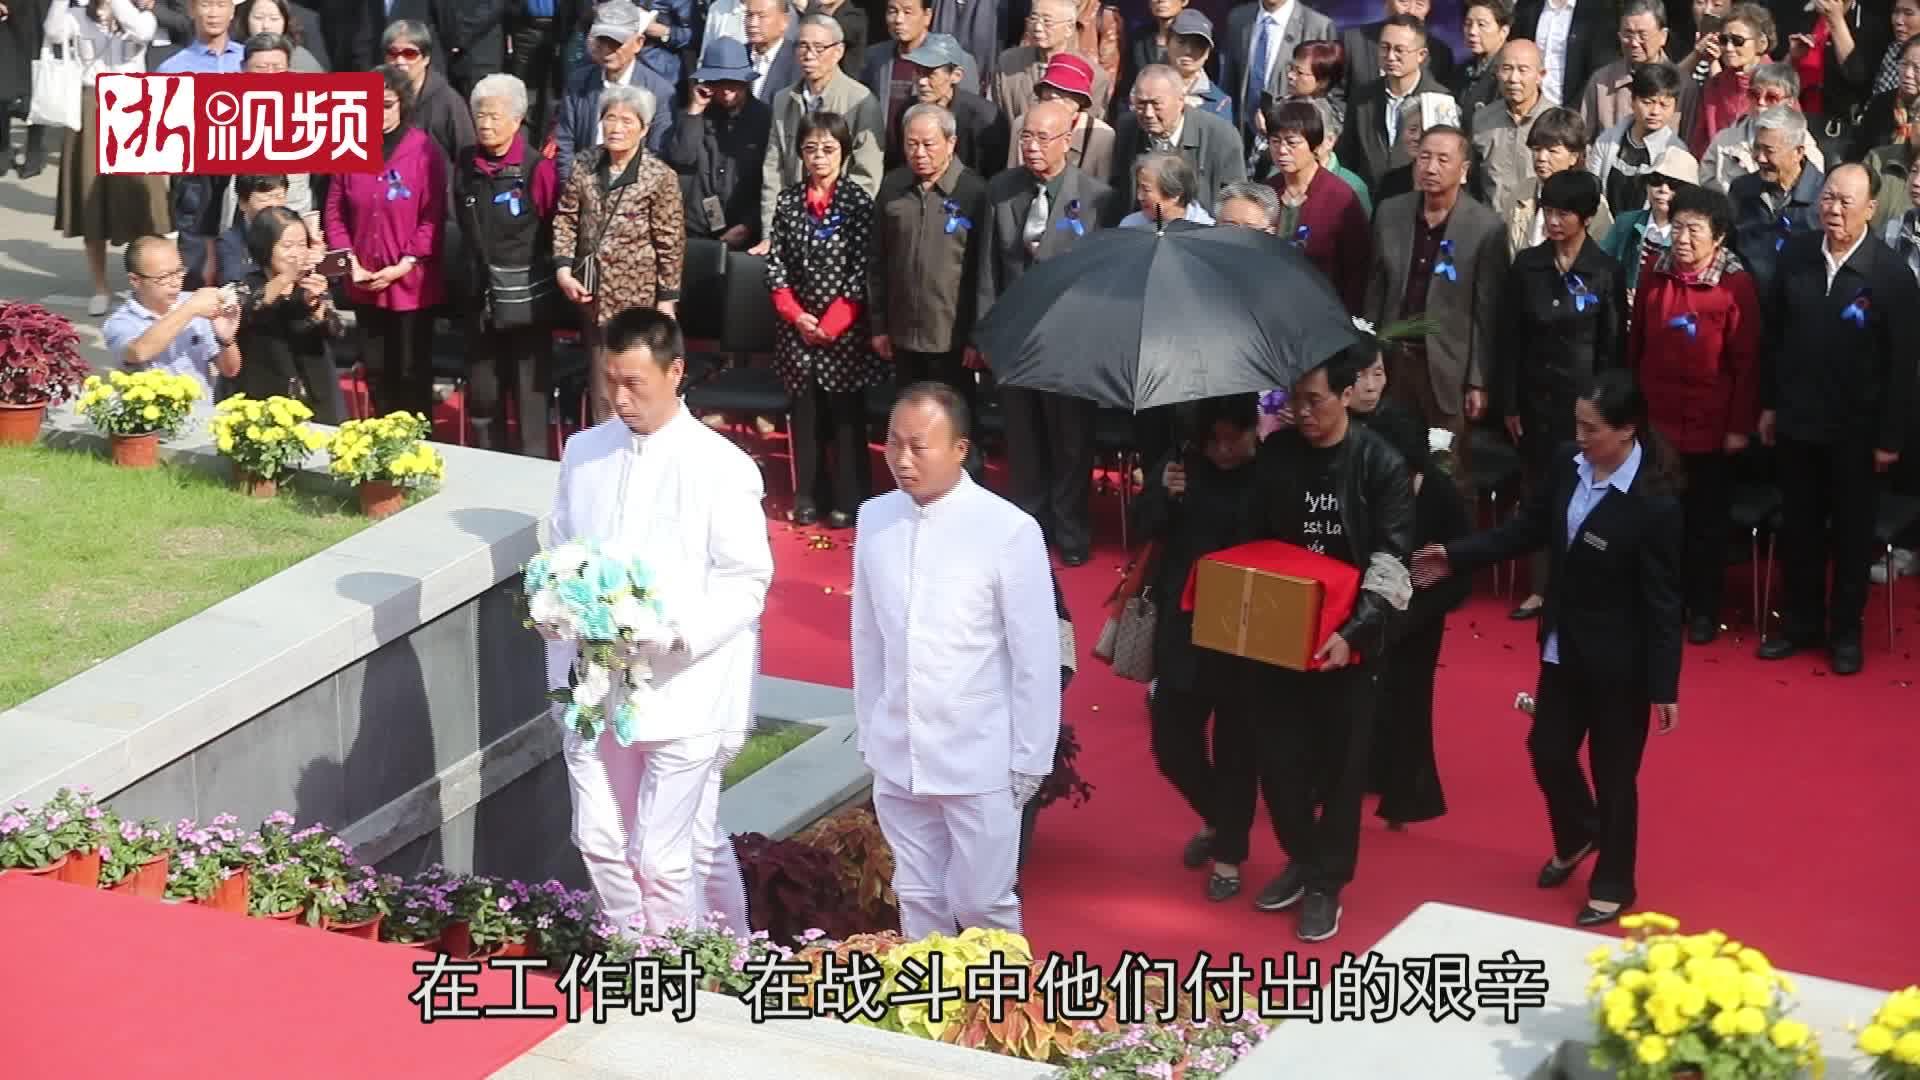 致敬永恒的精神 两弹一星奉献者纪念园杭州开园